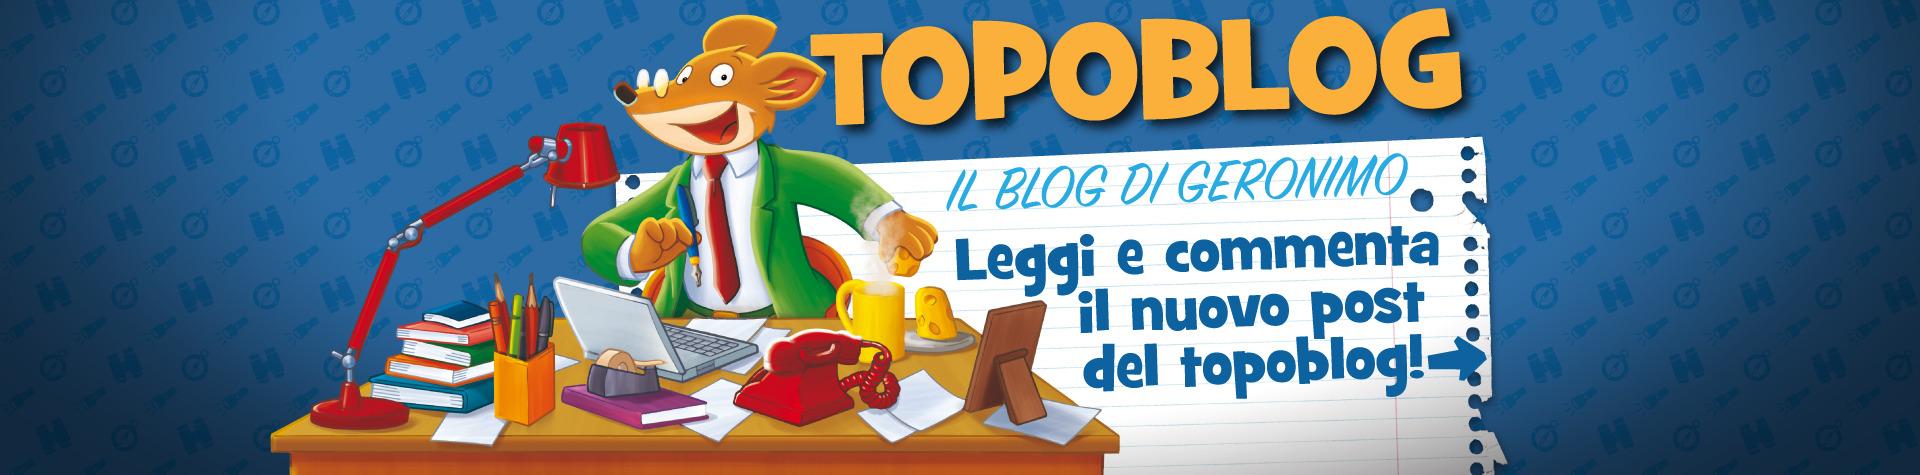 Leggi e commenta il nuovo post del topoblog